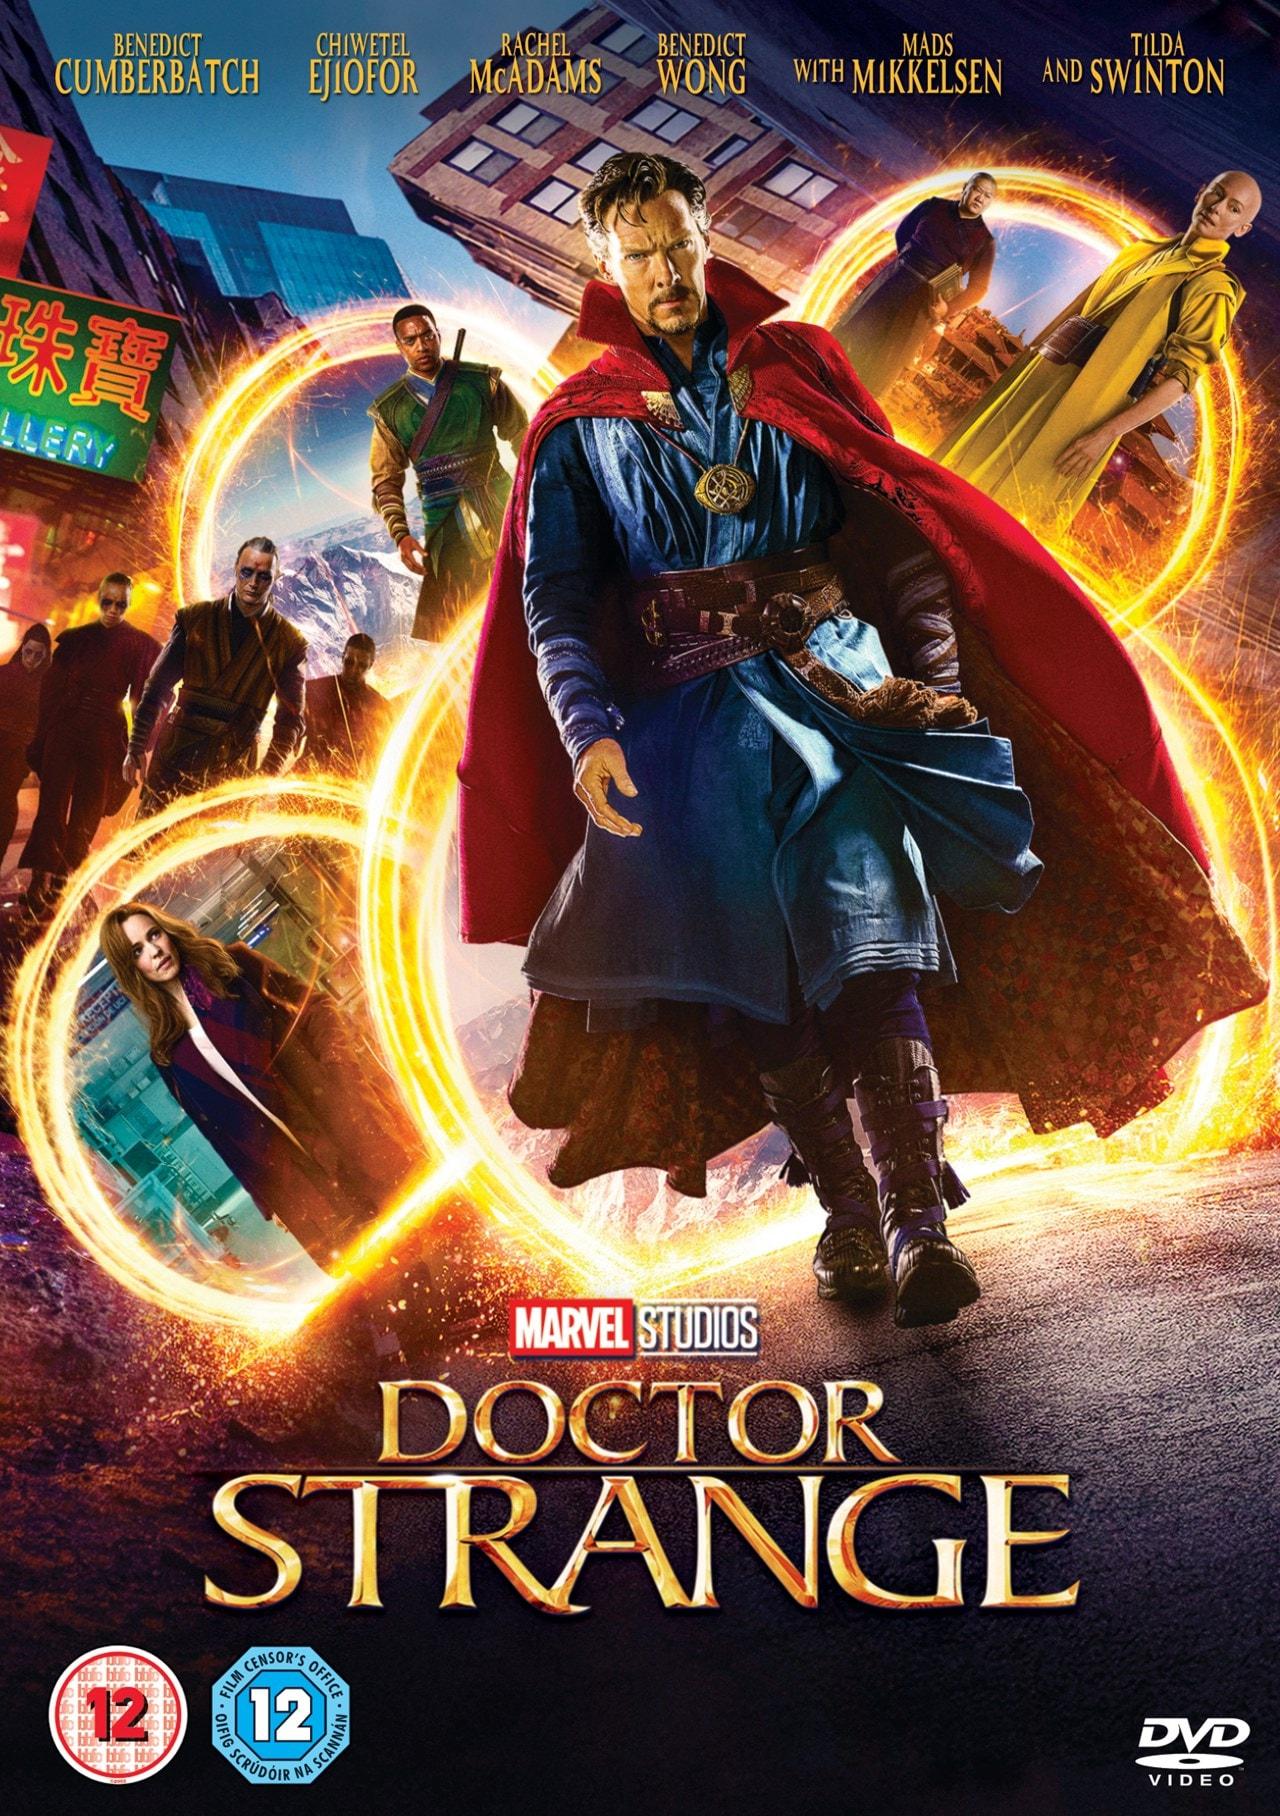 Doctor Strange - 3